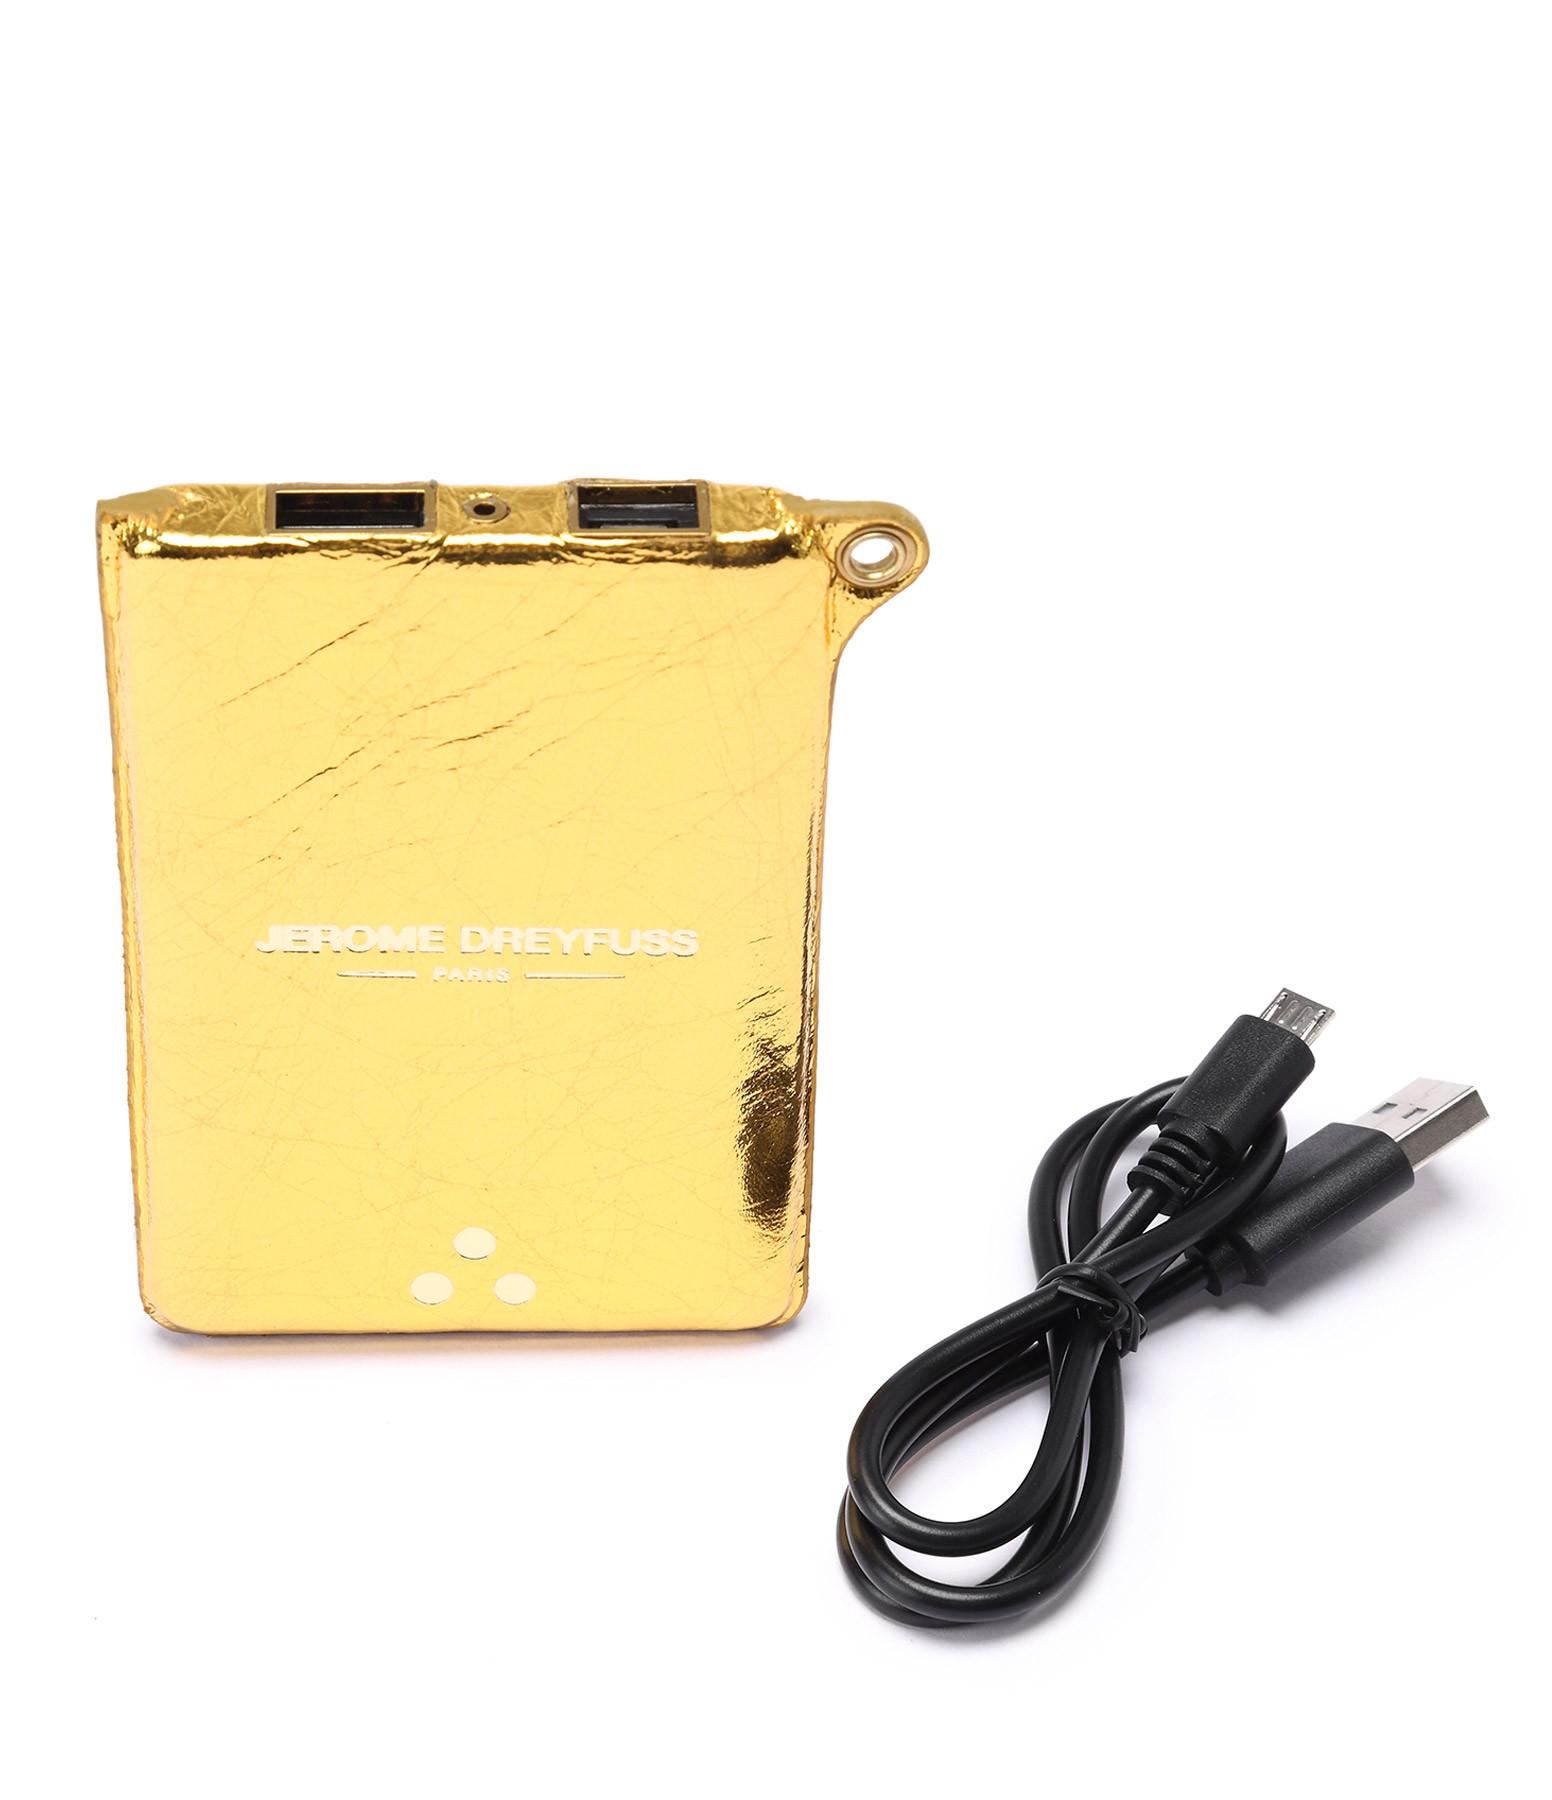 JEROME DREYFUSS - Batterie Externe Lithium Gainée Agneau Doré